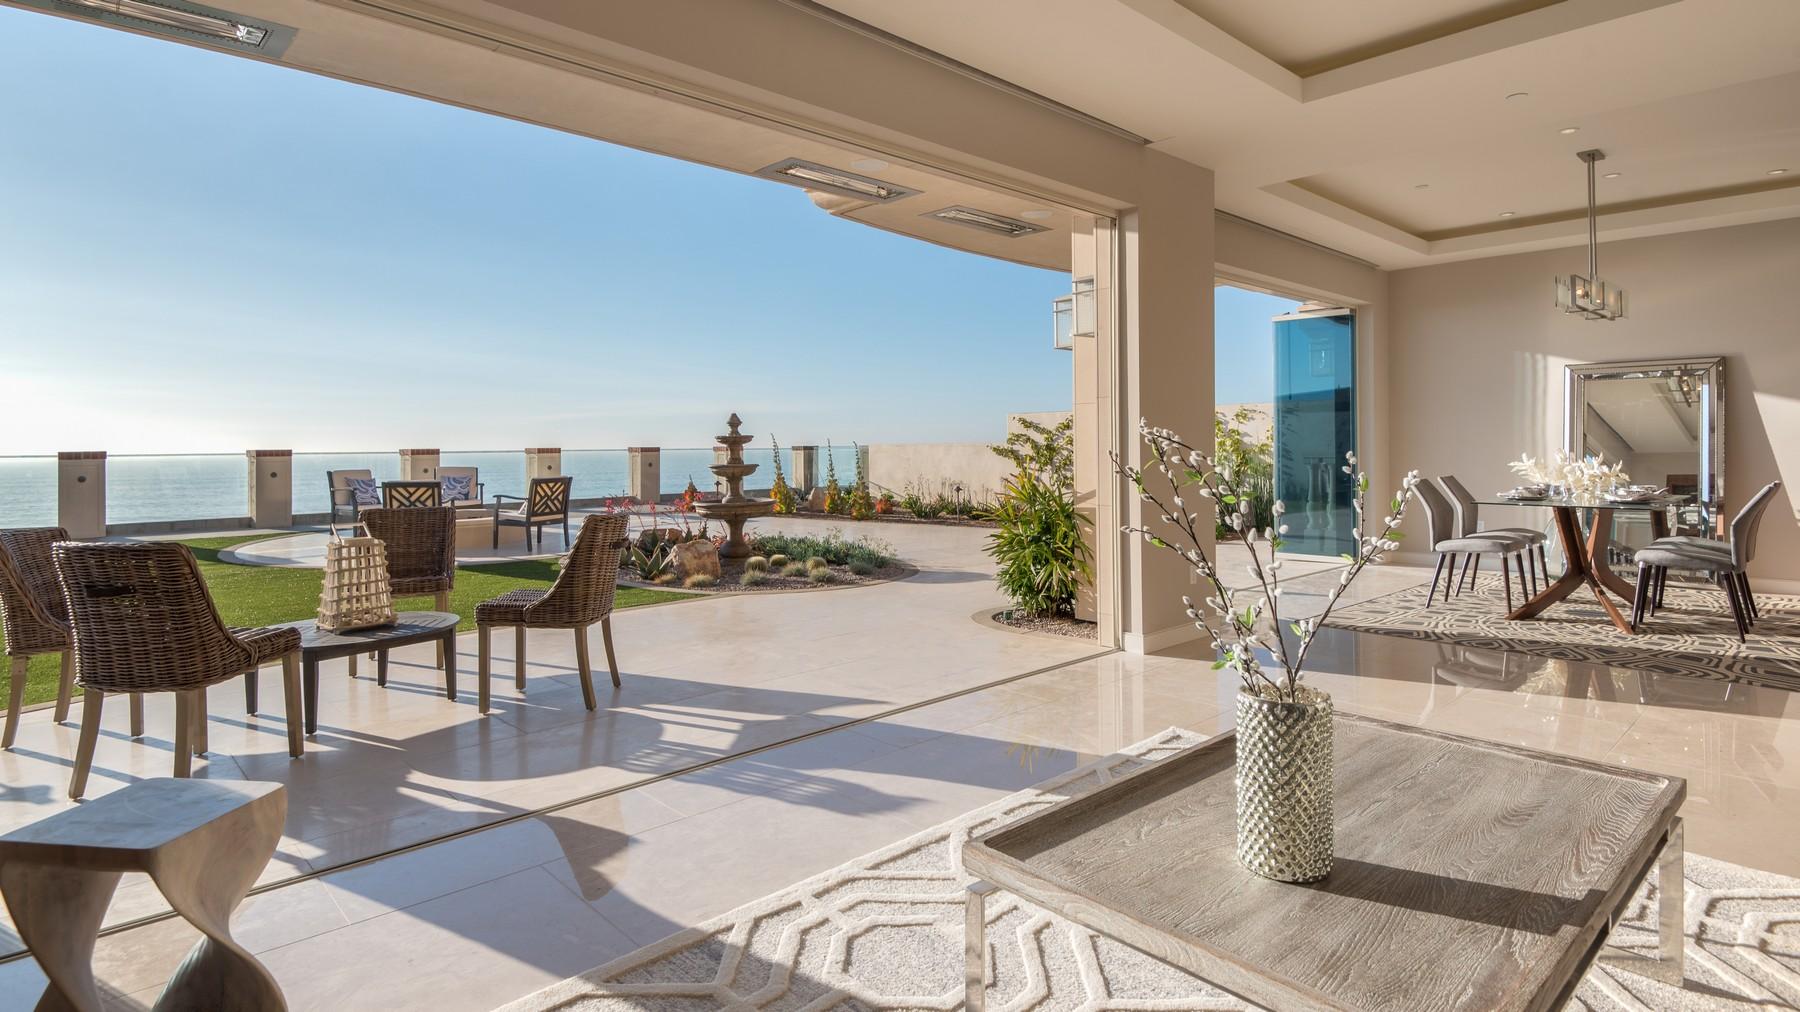 独户住宅 为 销售 在 824 Neptune Avenue 恩悉尼塔斯, 92024 美国